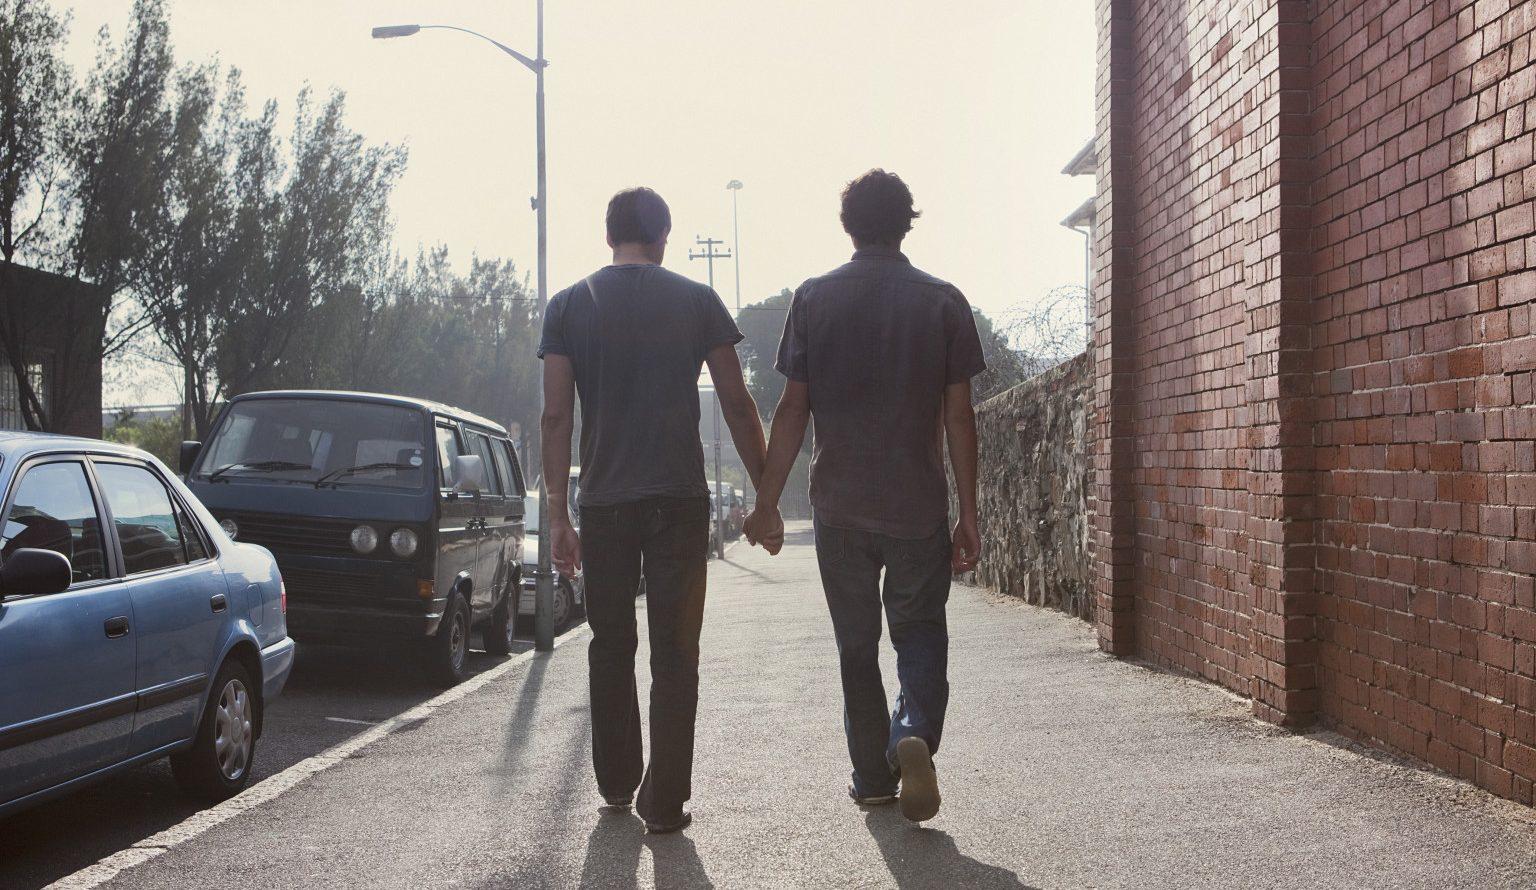 İzleyin: Yeni Bir Kısa Film, LGBT Çiftlerin Çektikleri Zorlukları Anlatıyor